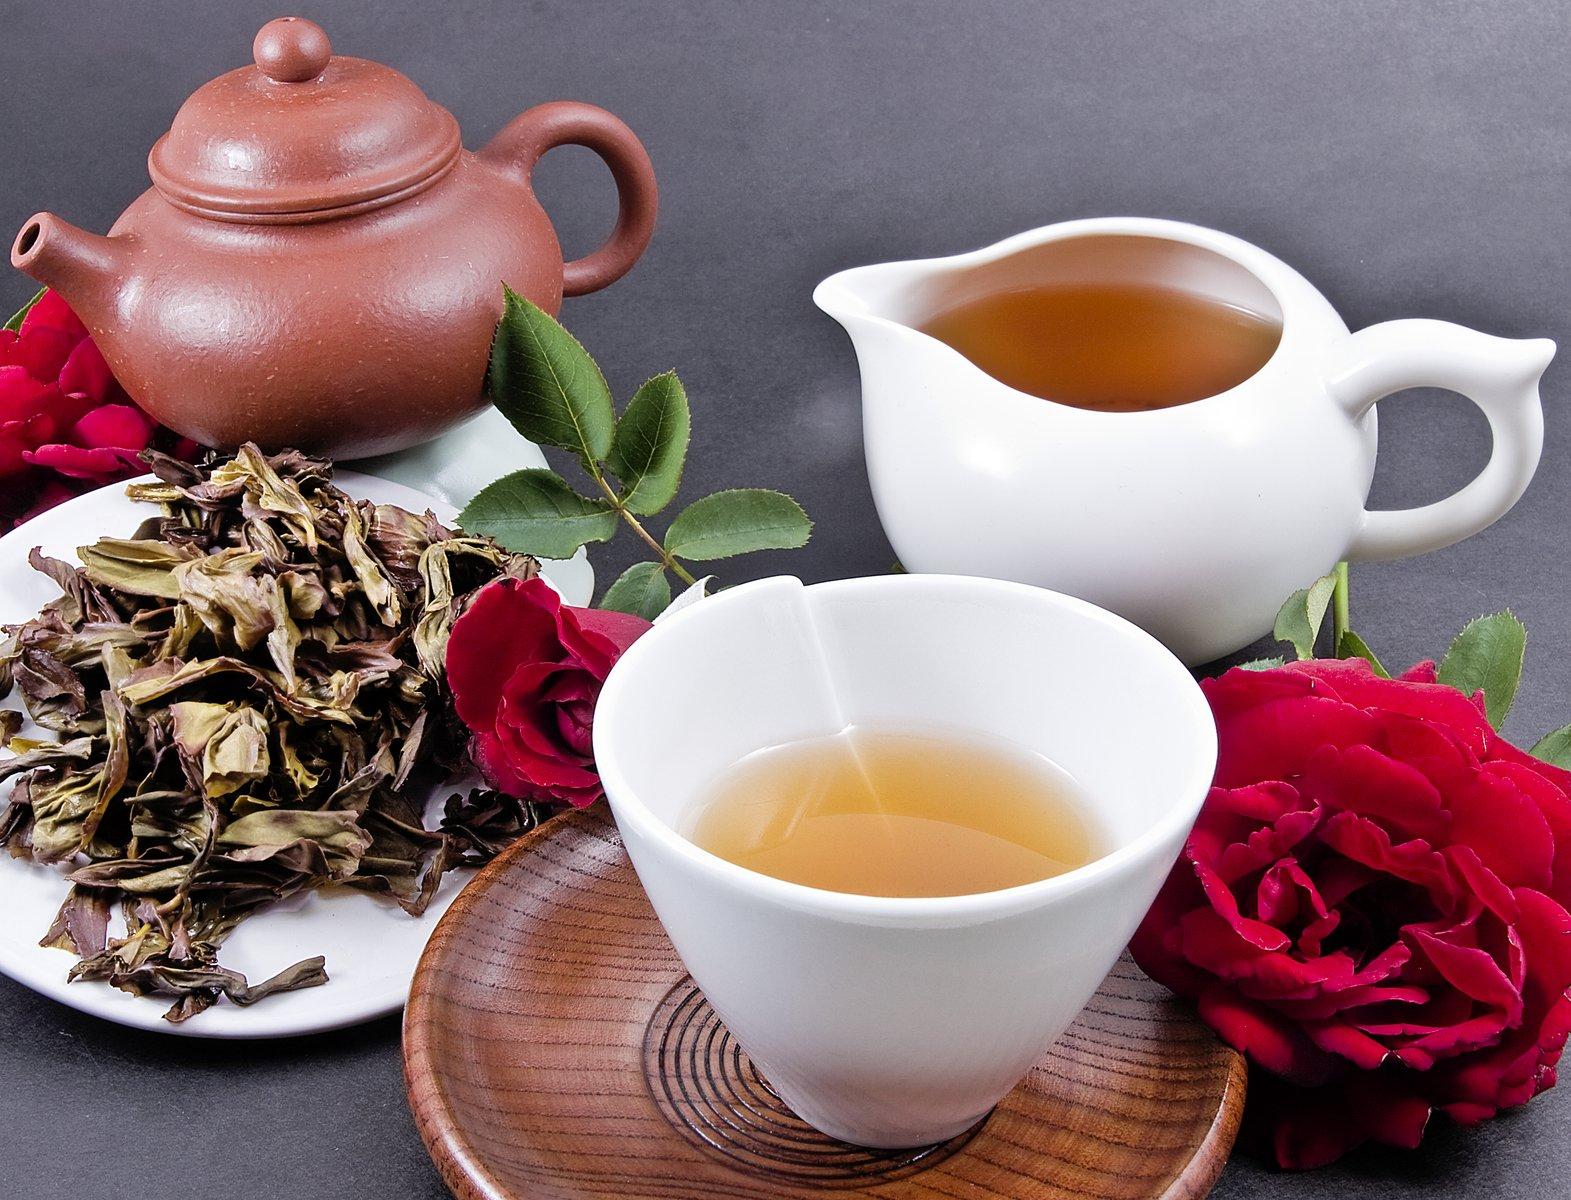 Чай в кружке.jpg